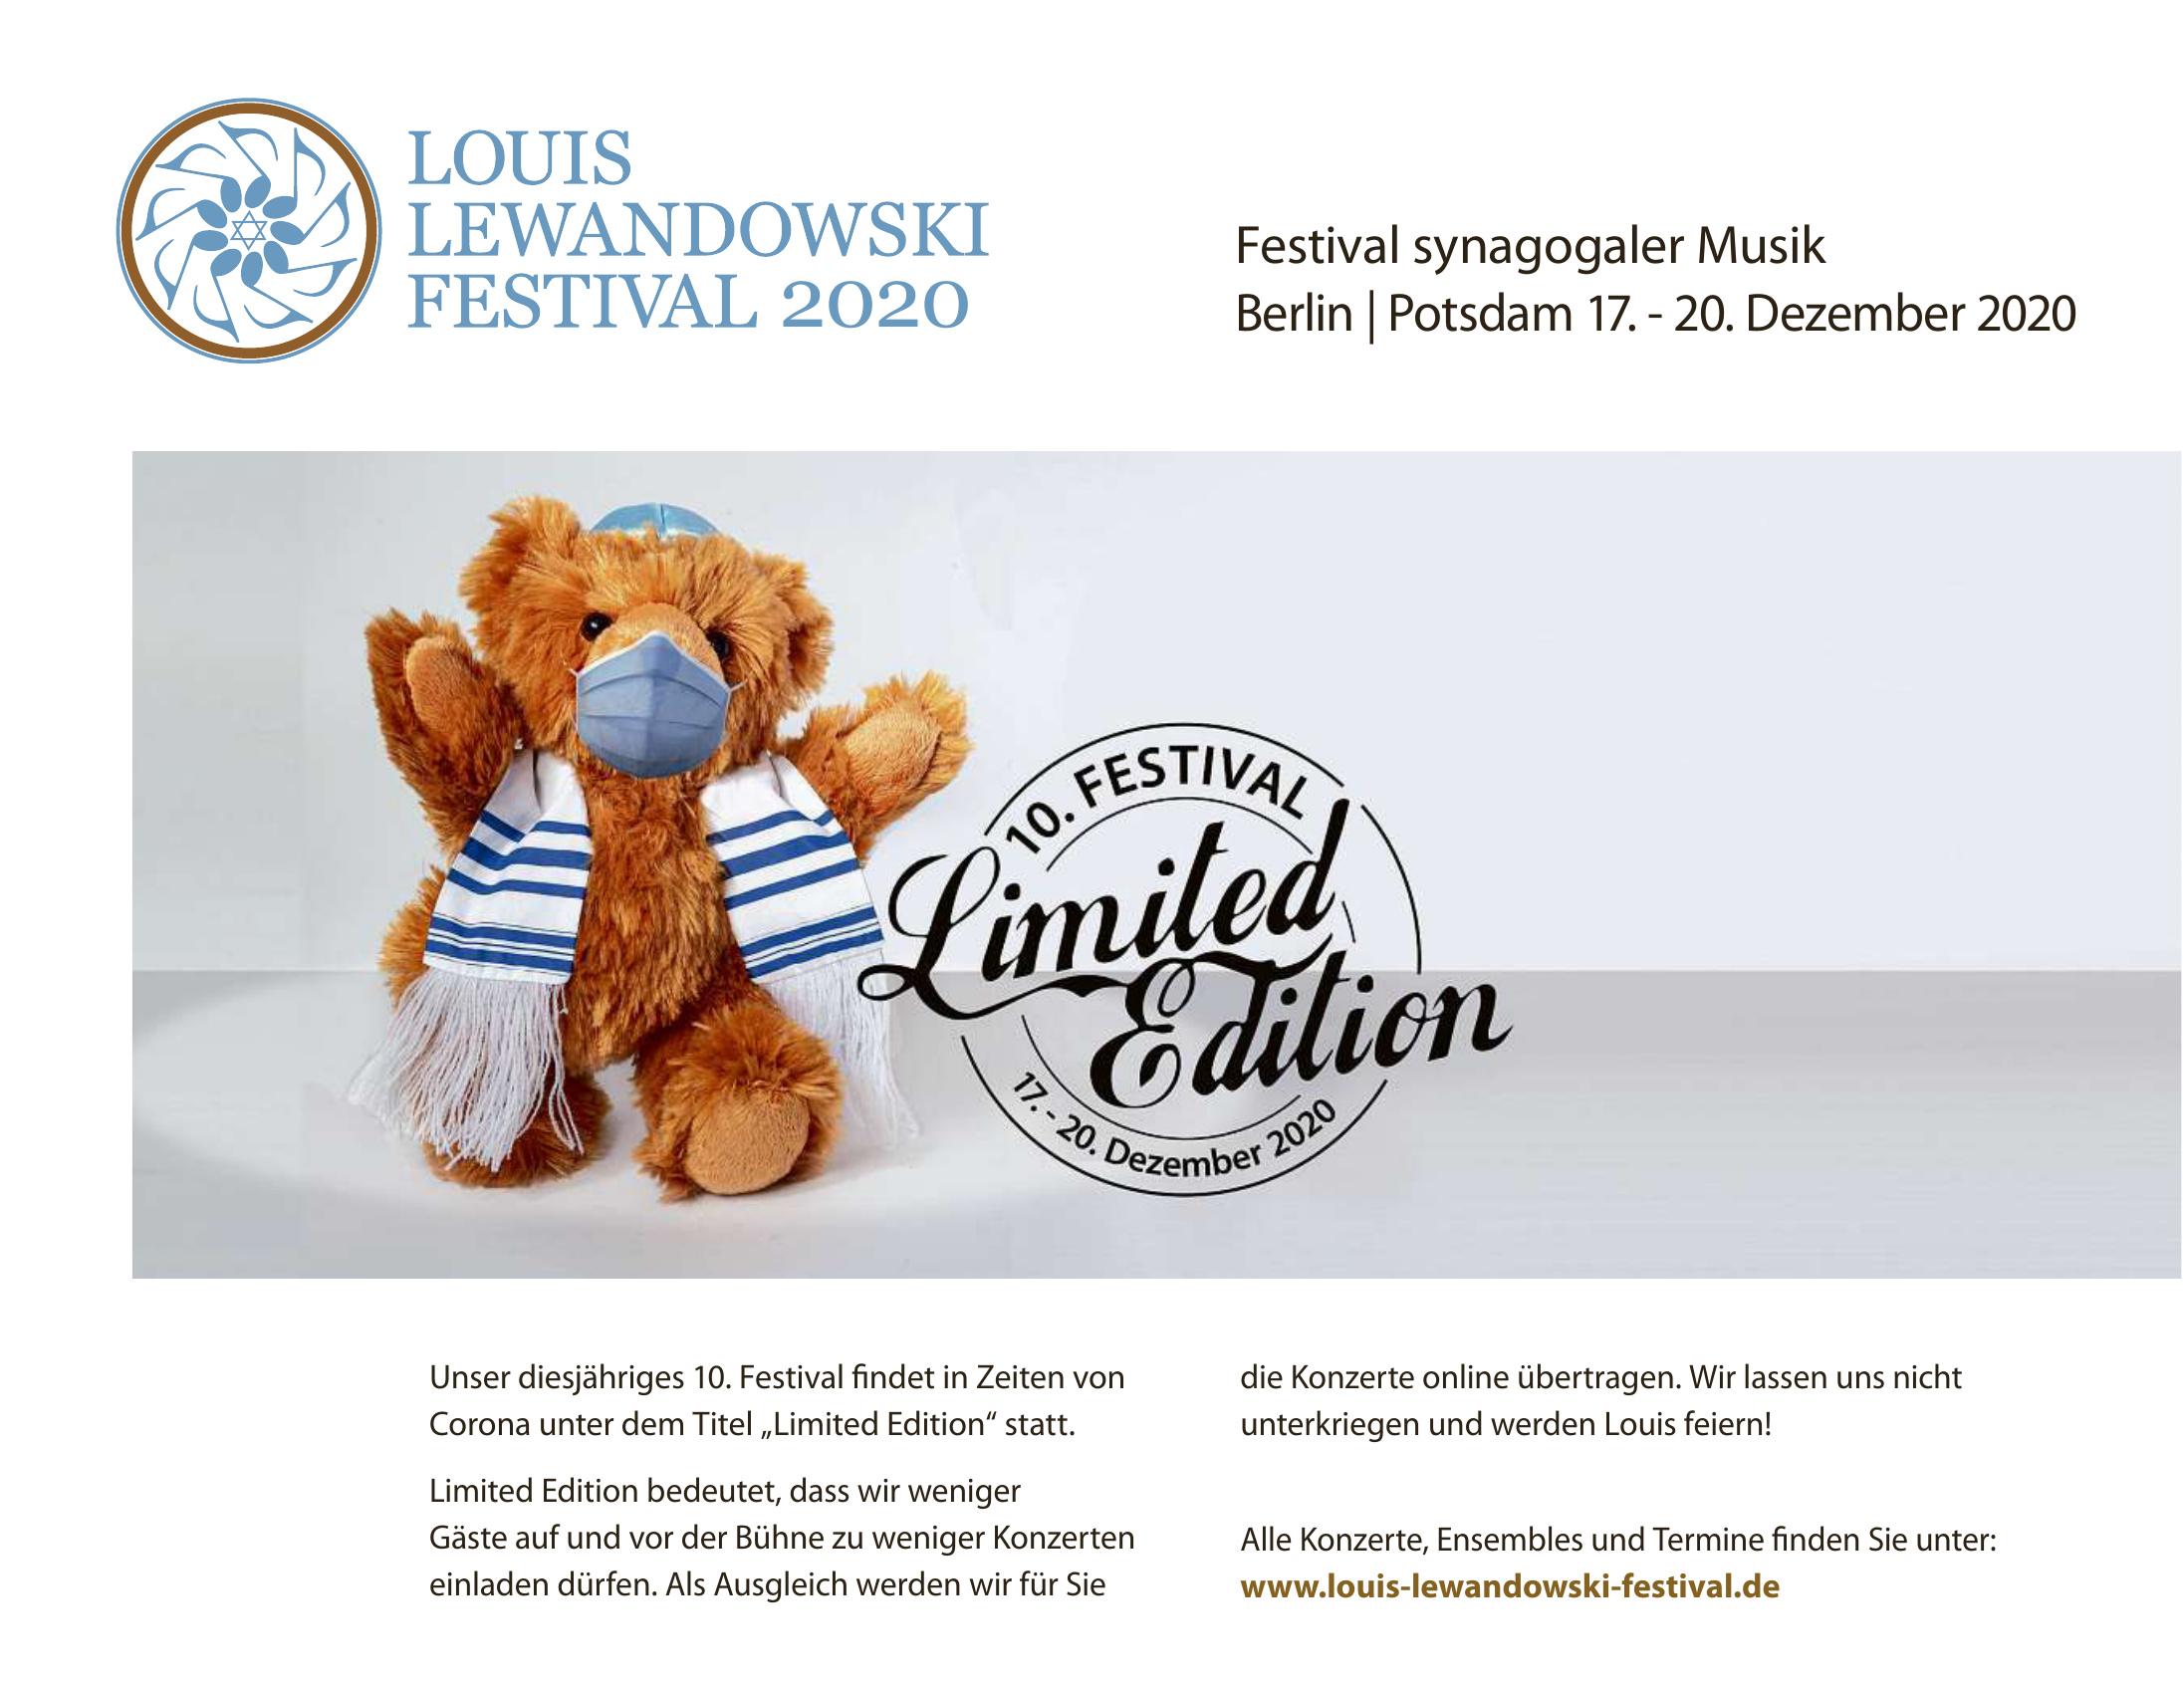 Louis Lewandowski Festival 2019